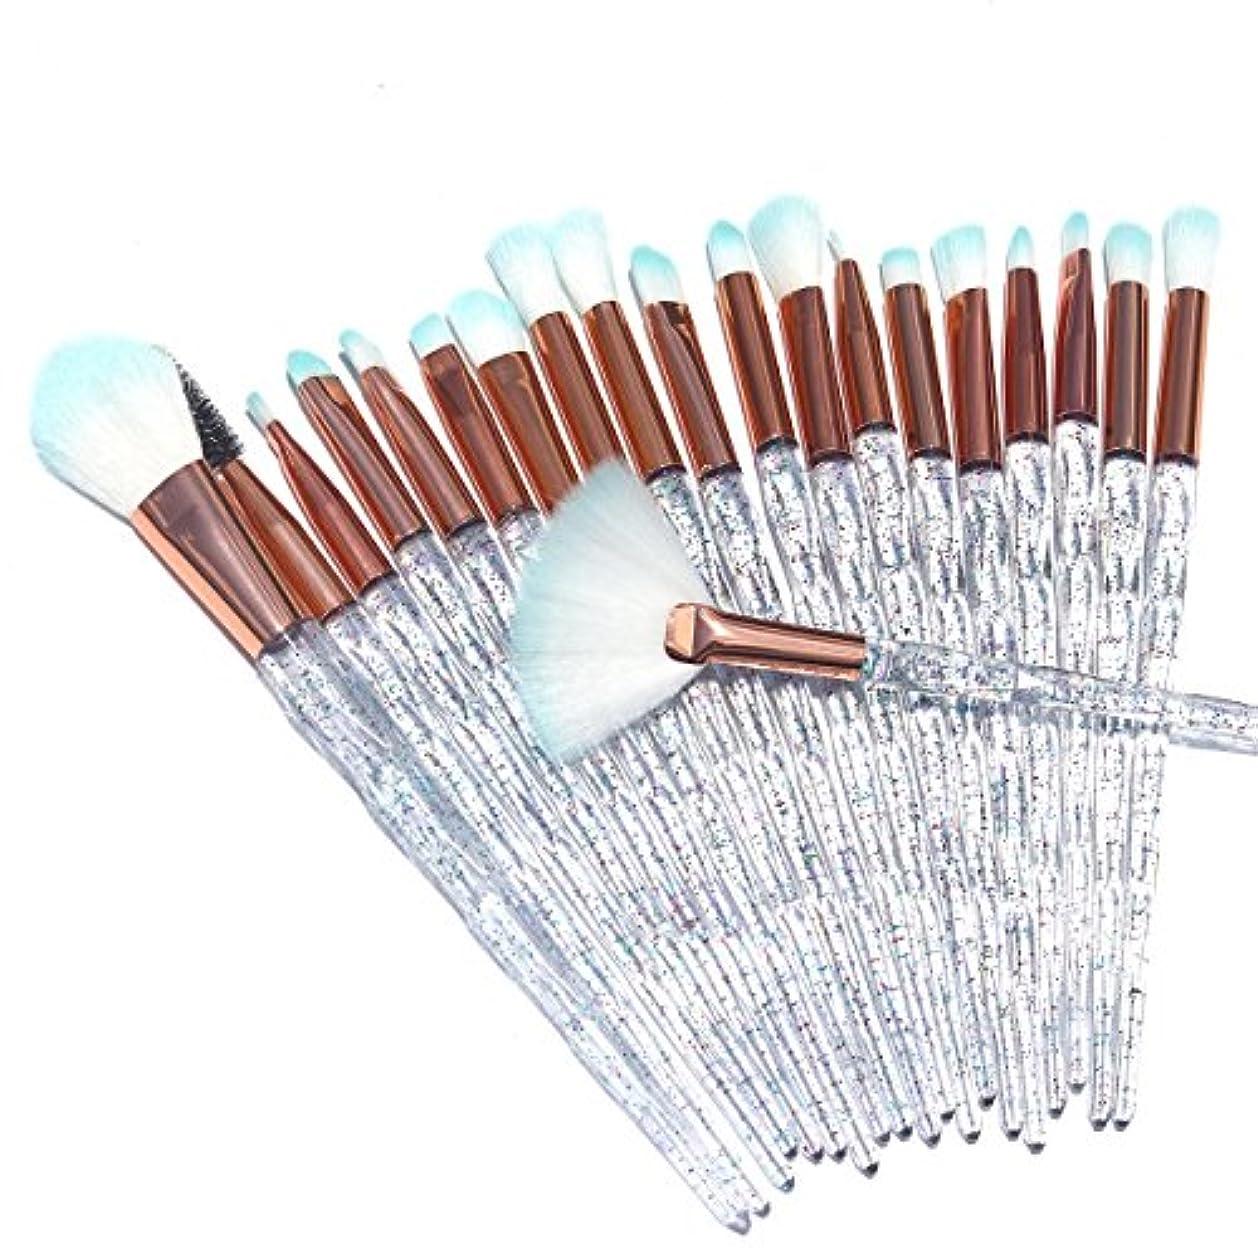 肌刺激する惨めなAiceBeu 20本メイクブラシ 眉毛ブラシ アイシャドーブラシ リップブラシ (トランスペアレント)